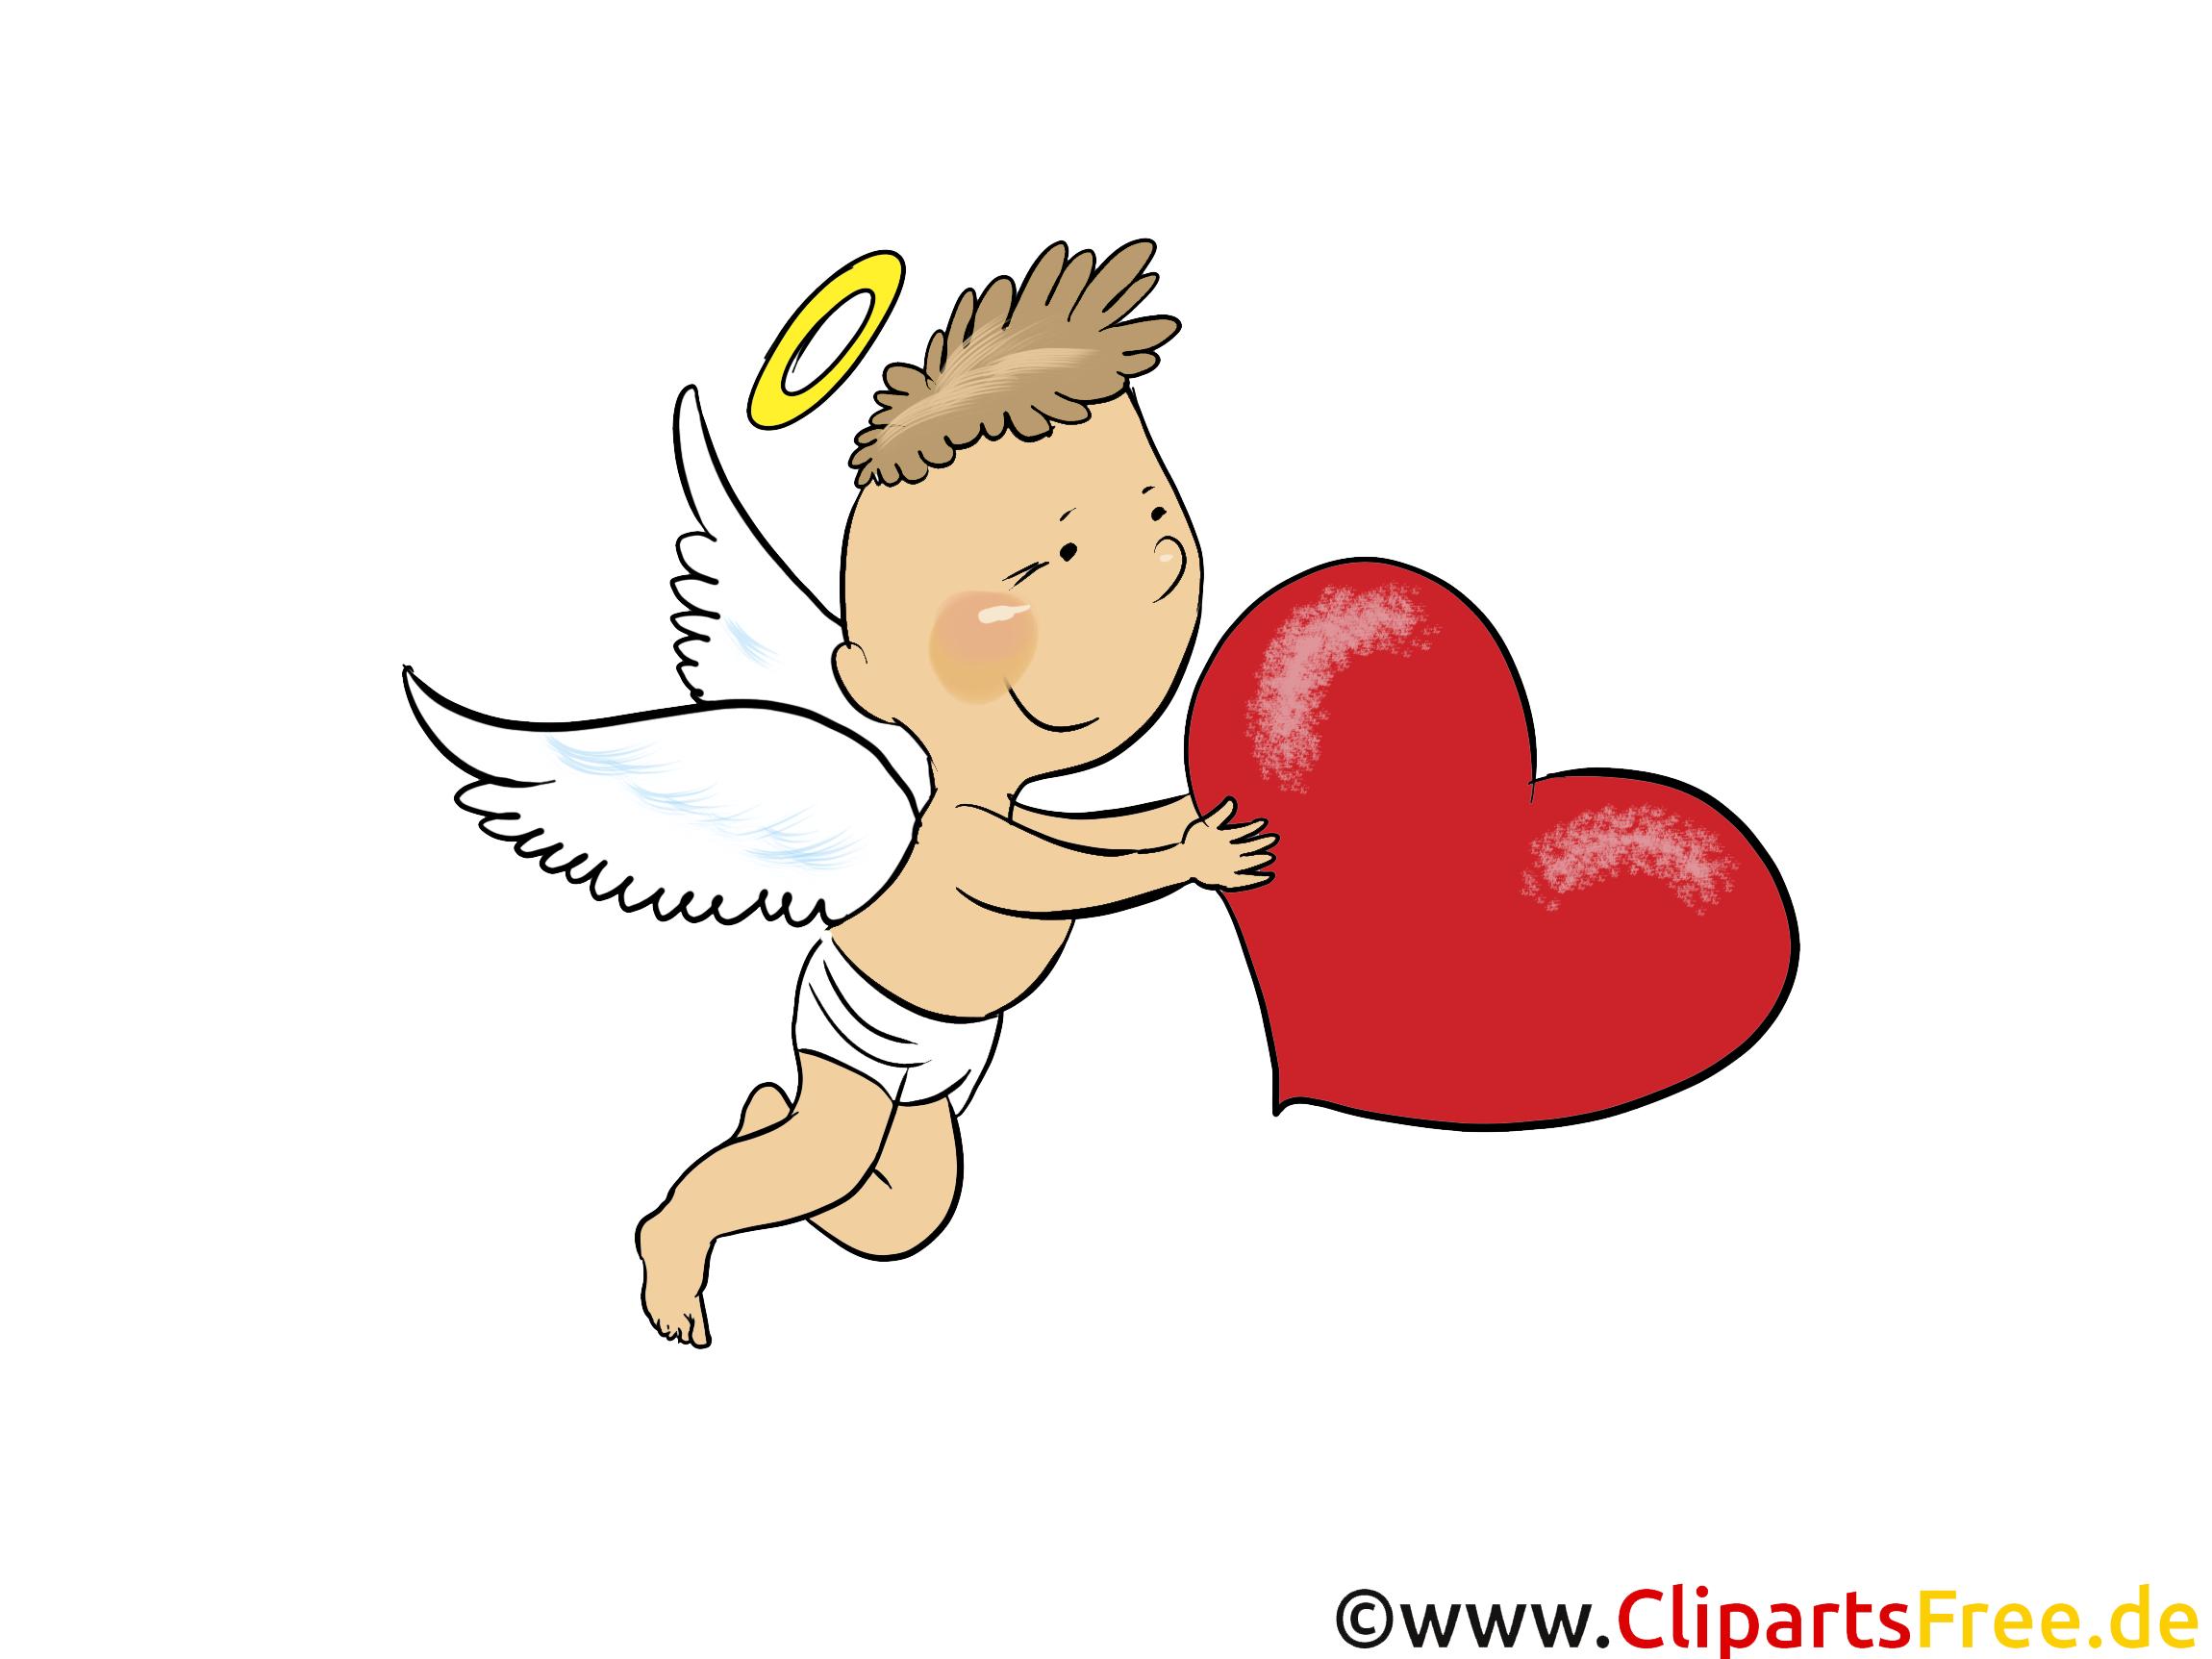 Ange clip art gratuit coeur images gratuites coeur dessin picture image graphic clip art - Images coeur gratuites ...